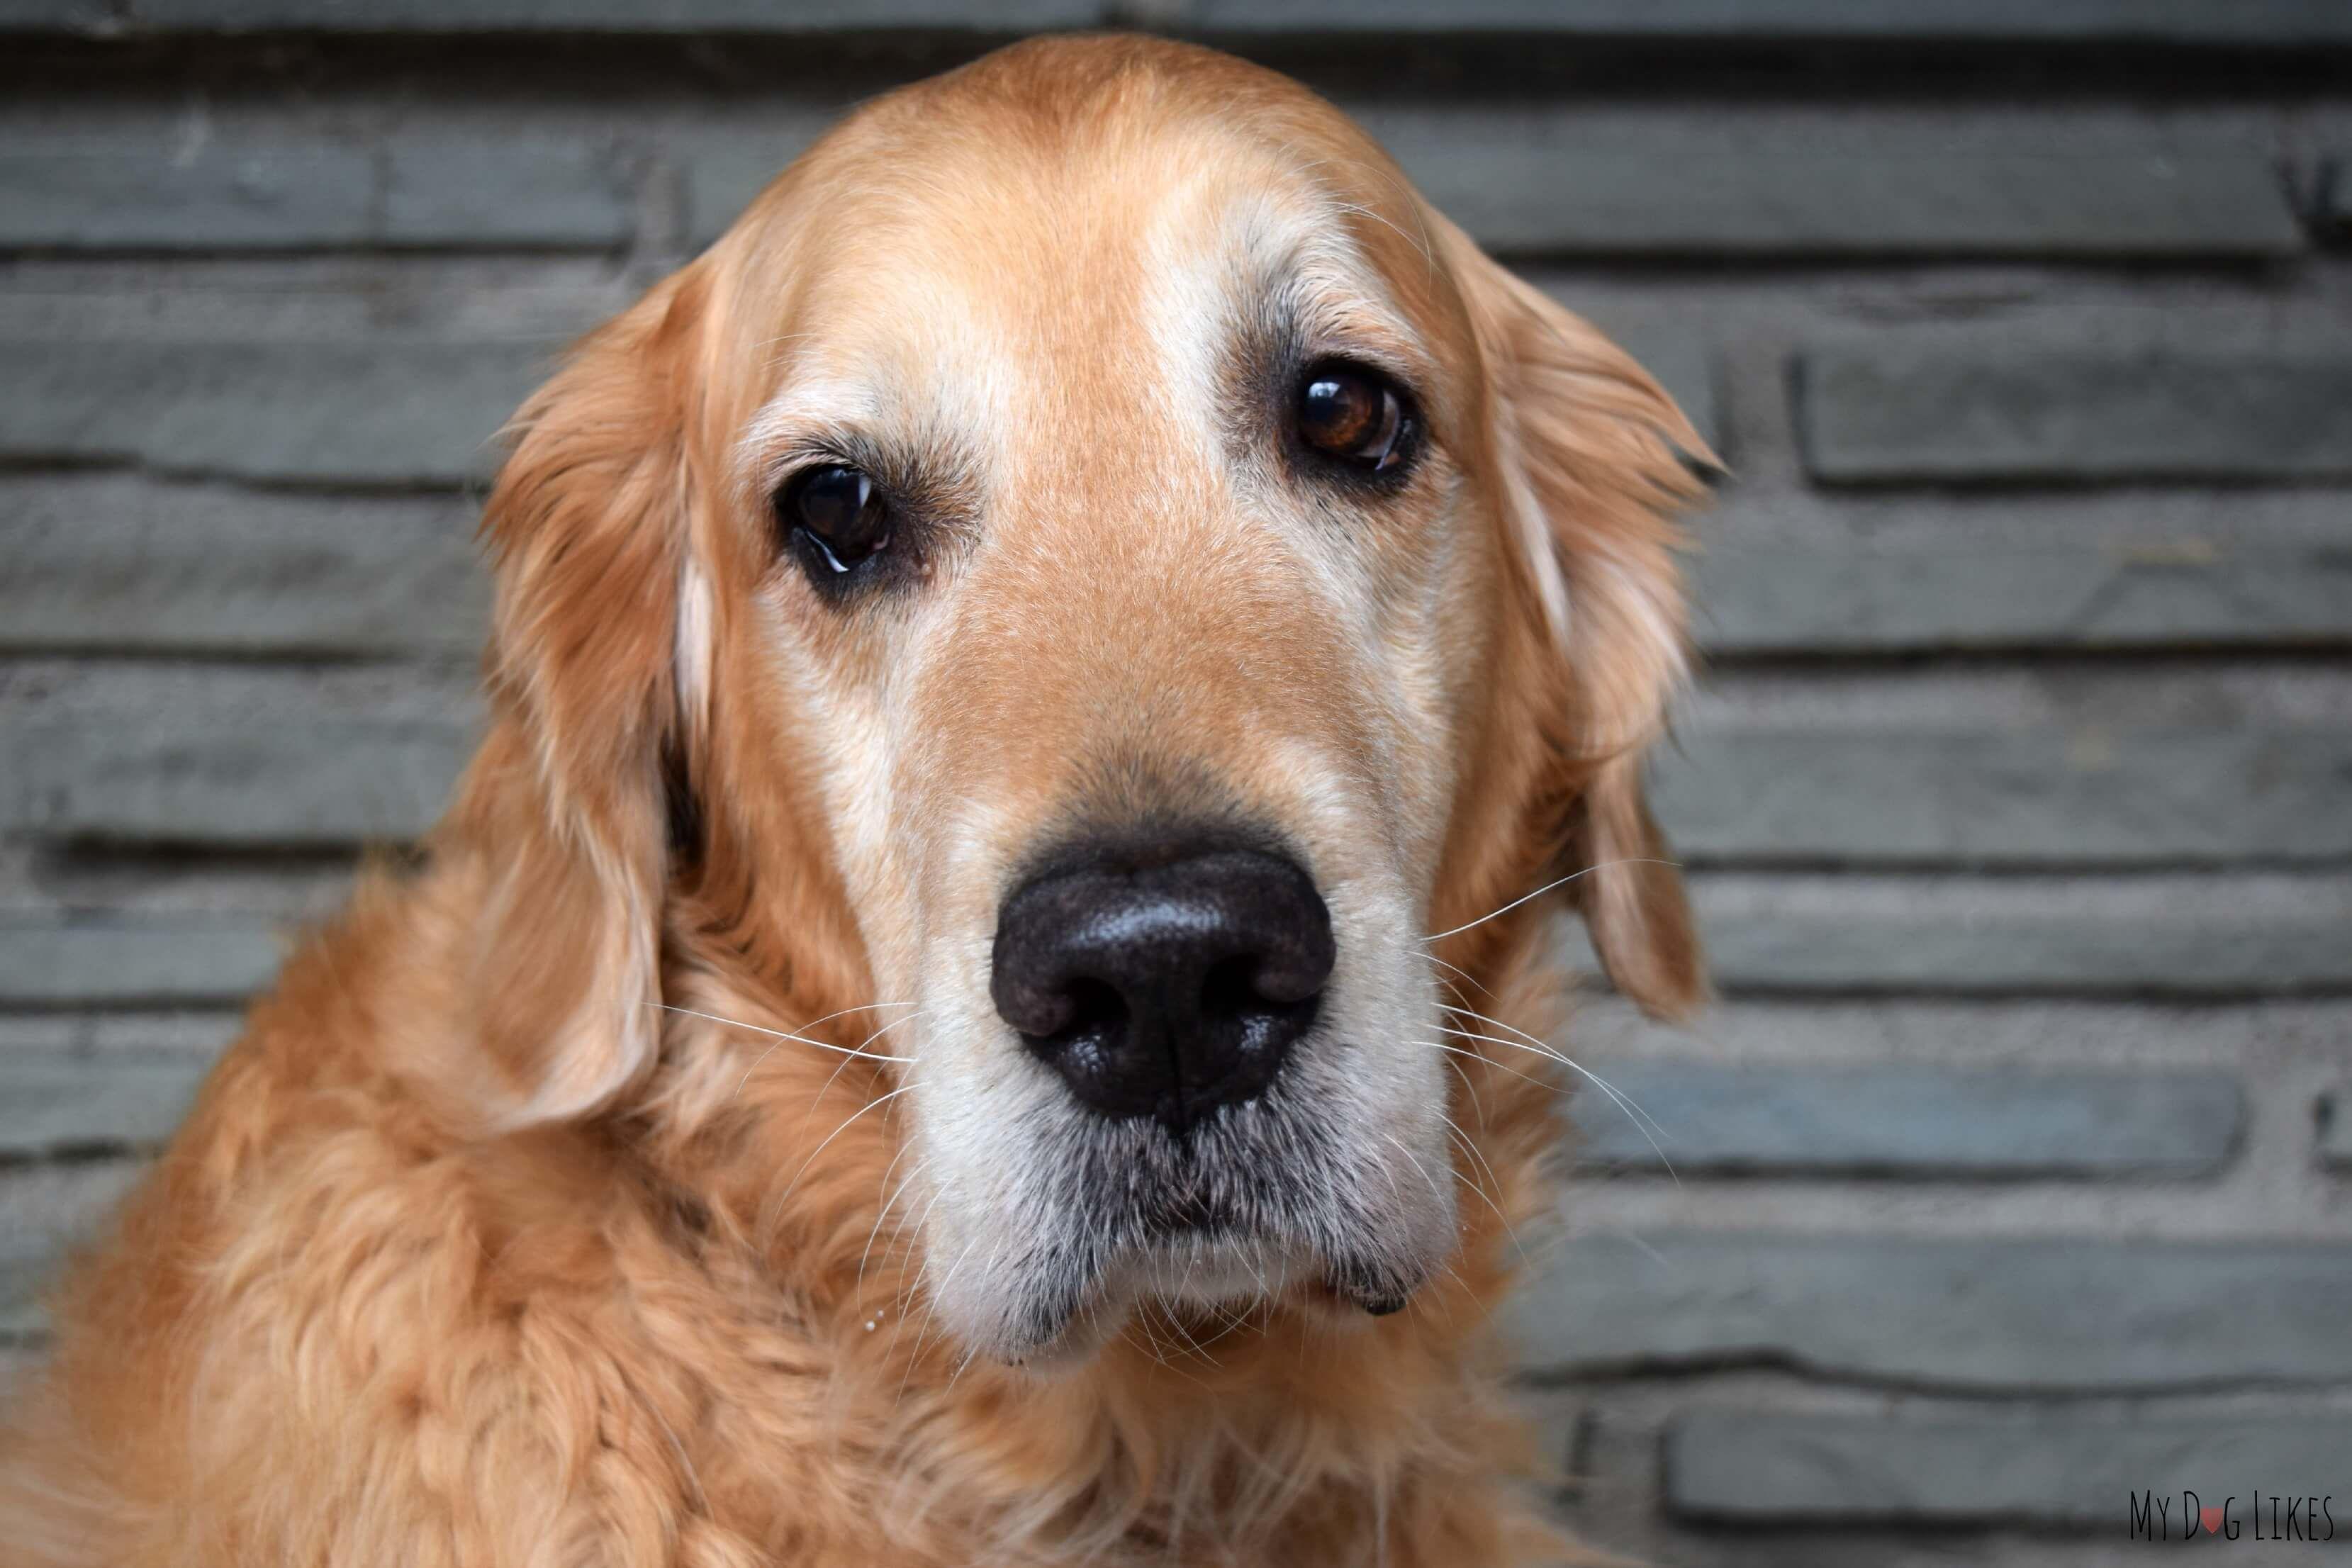 Brave Beagle Dog Ear Cleaner Review Dog Ear Cleaner Beagle Dog